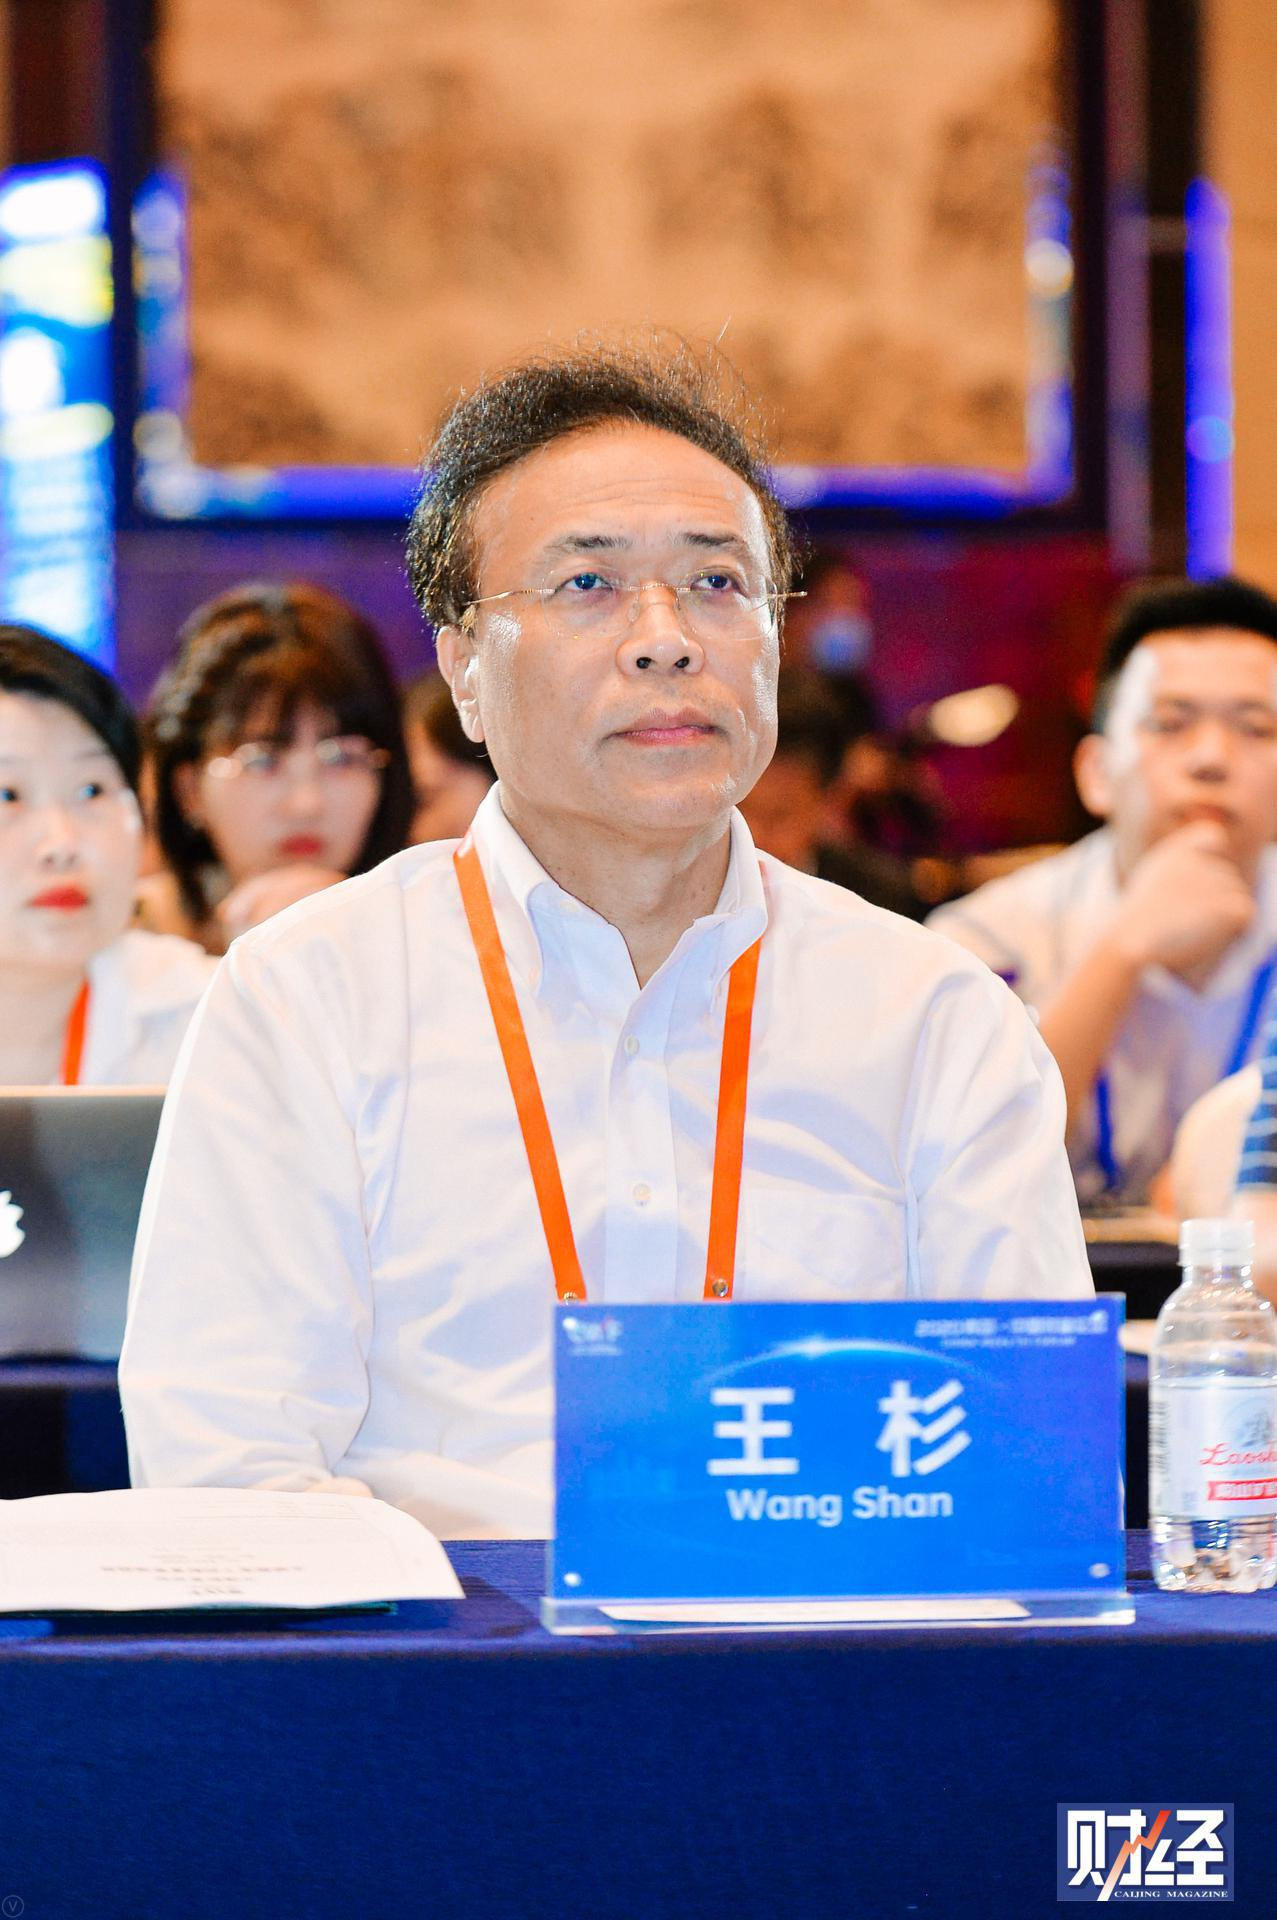 北京大学人民医院外科教授、原院长王杉:个人健康档案数据有望被盘活,精准医疗迎来新的挑战和机遇